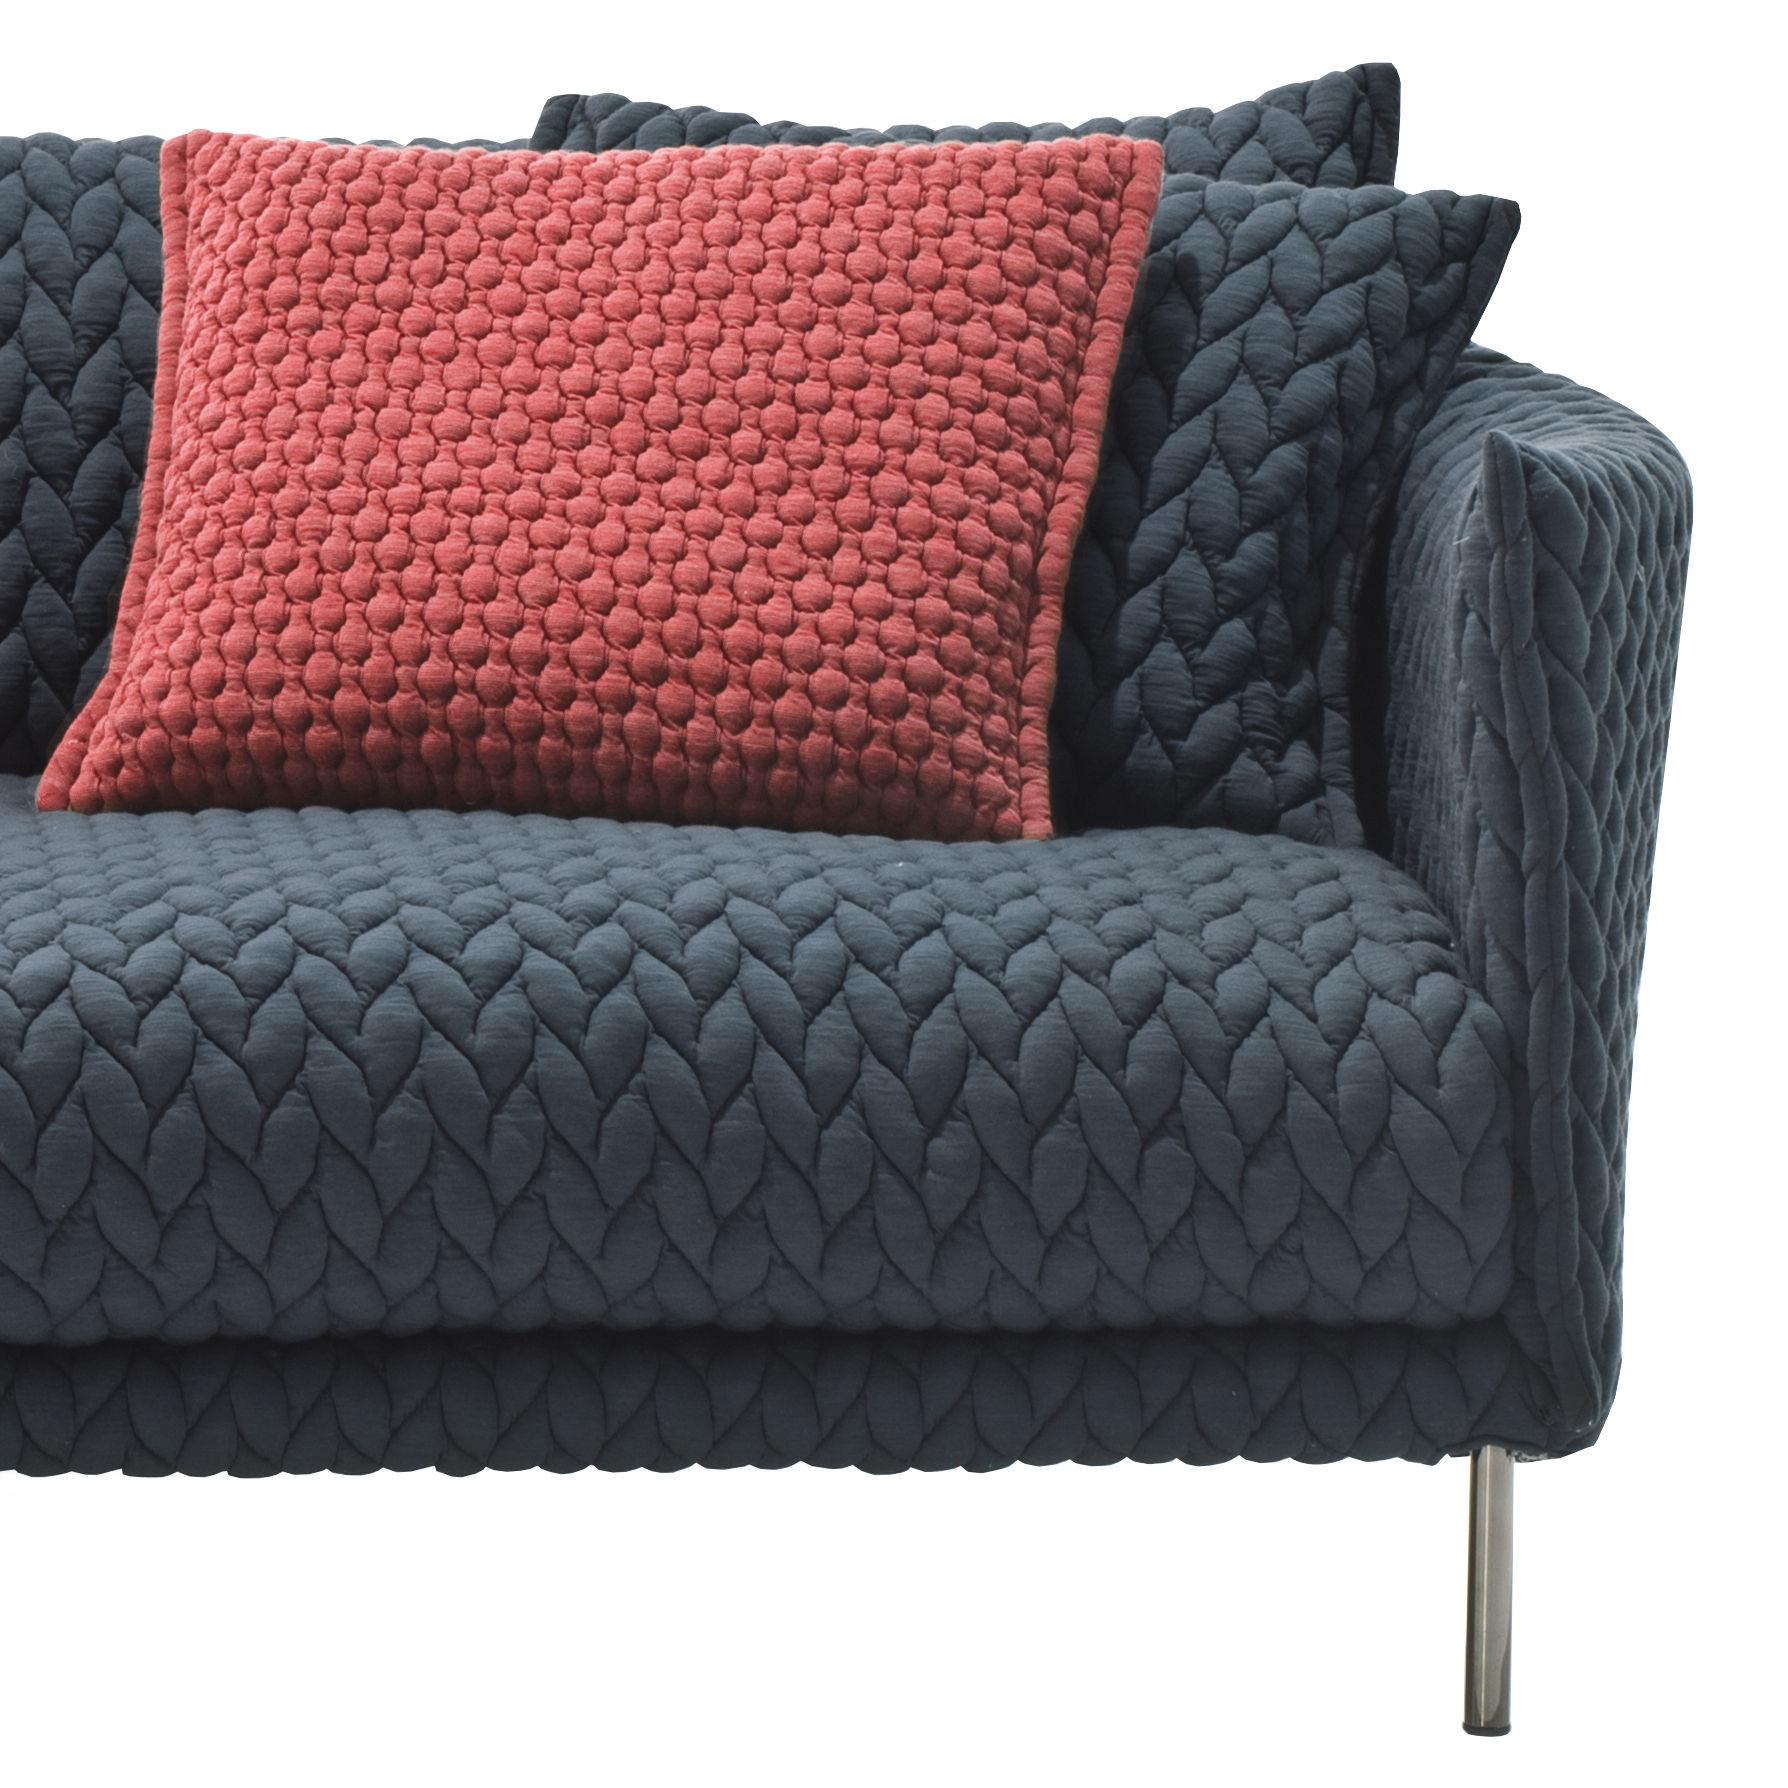 Déco - Coussins - Coussin Gentry / Tissu - 45 x 40 cm - Moroso - Rouge - Coton, Plume d'oie